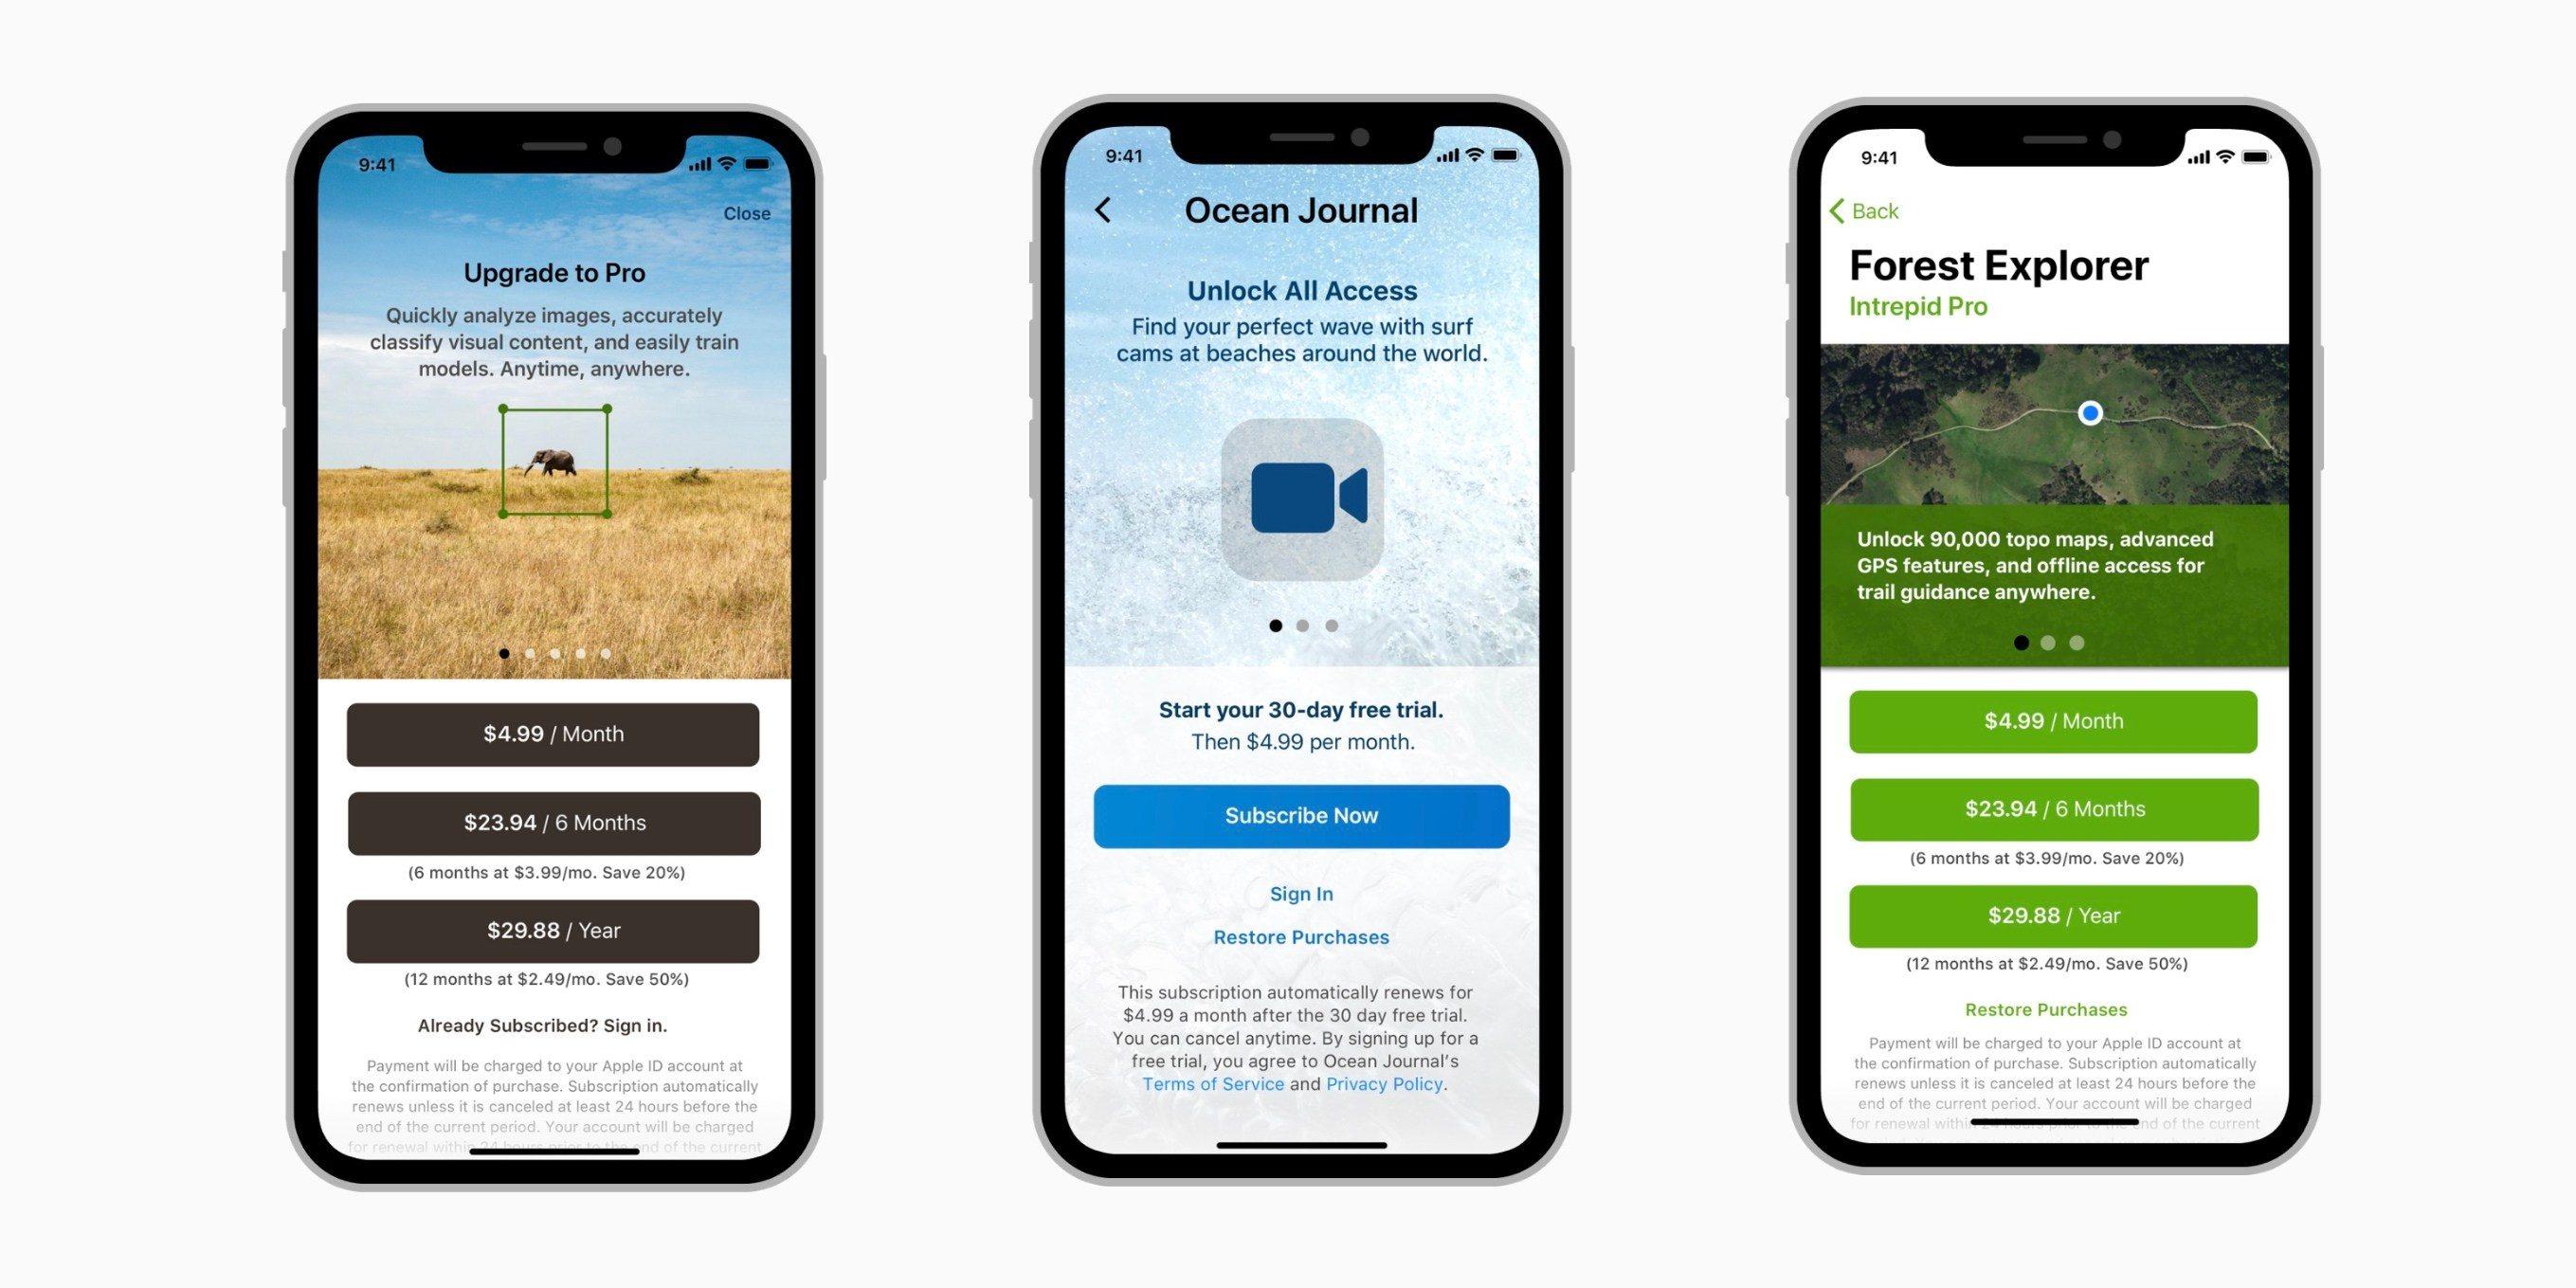 Novas screenshots de assinaturas em apps da Apple